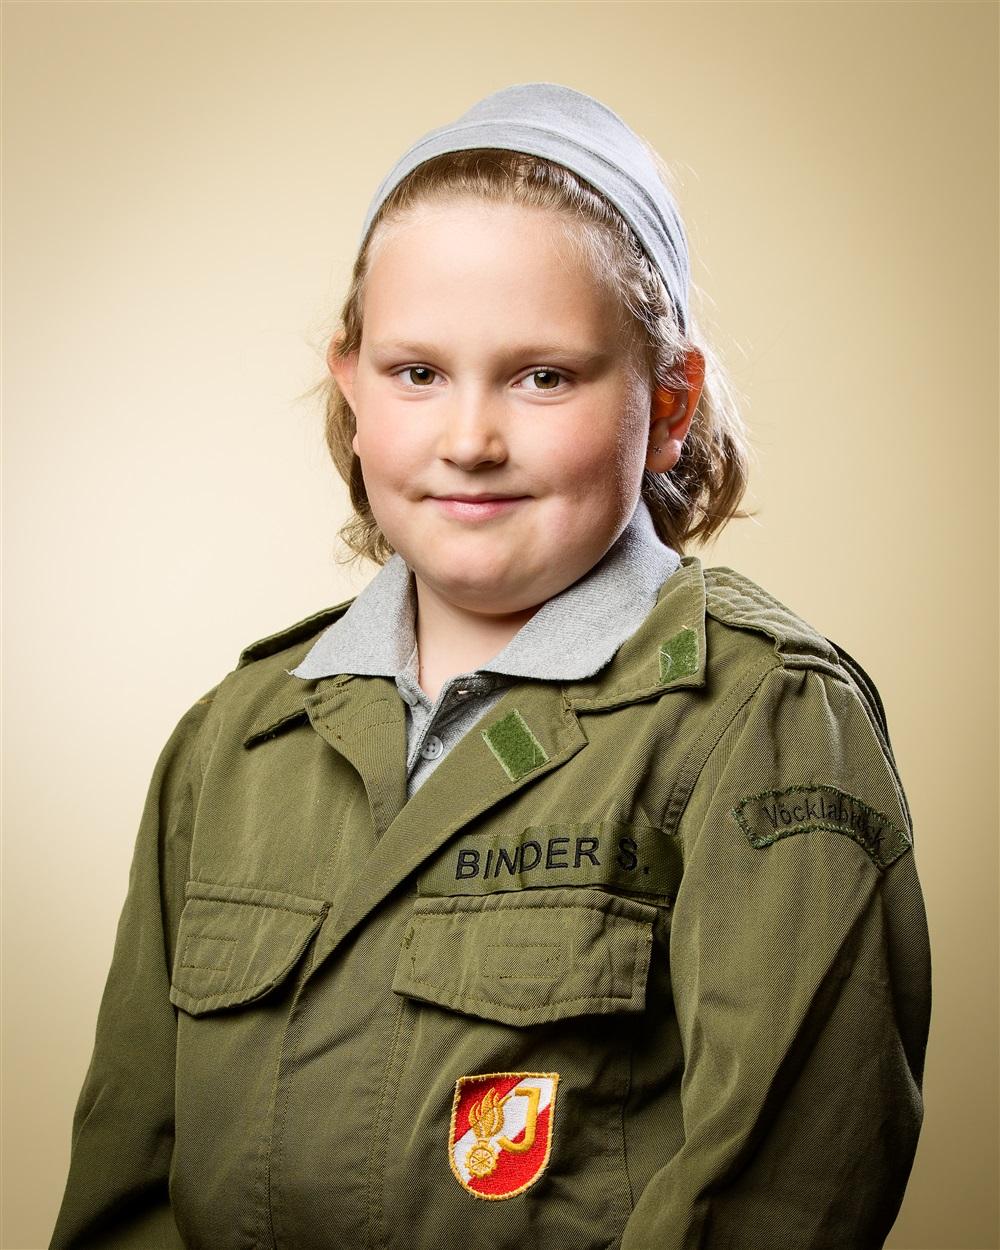 Sophie - Sophie Binder